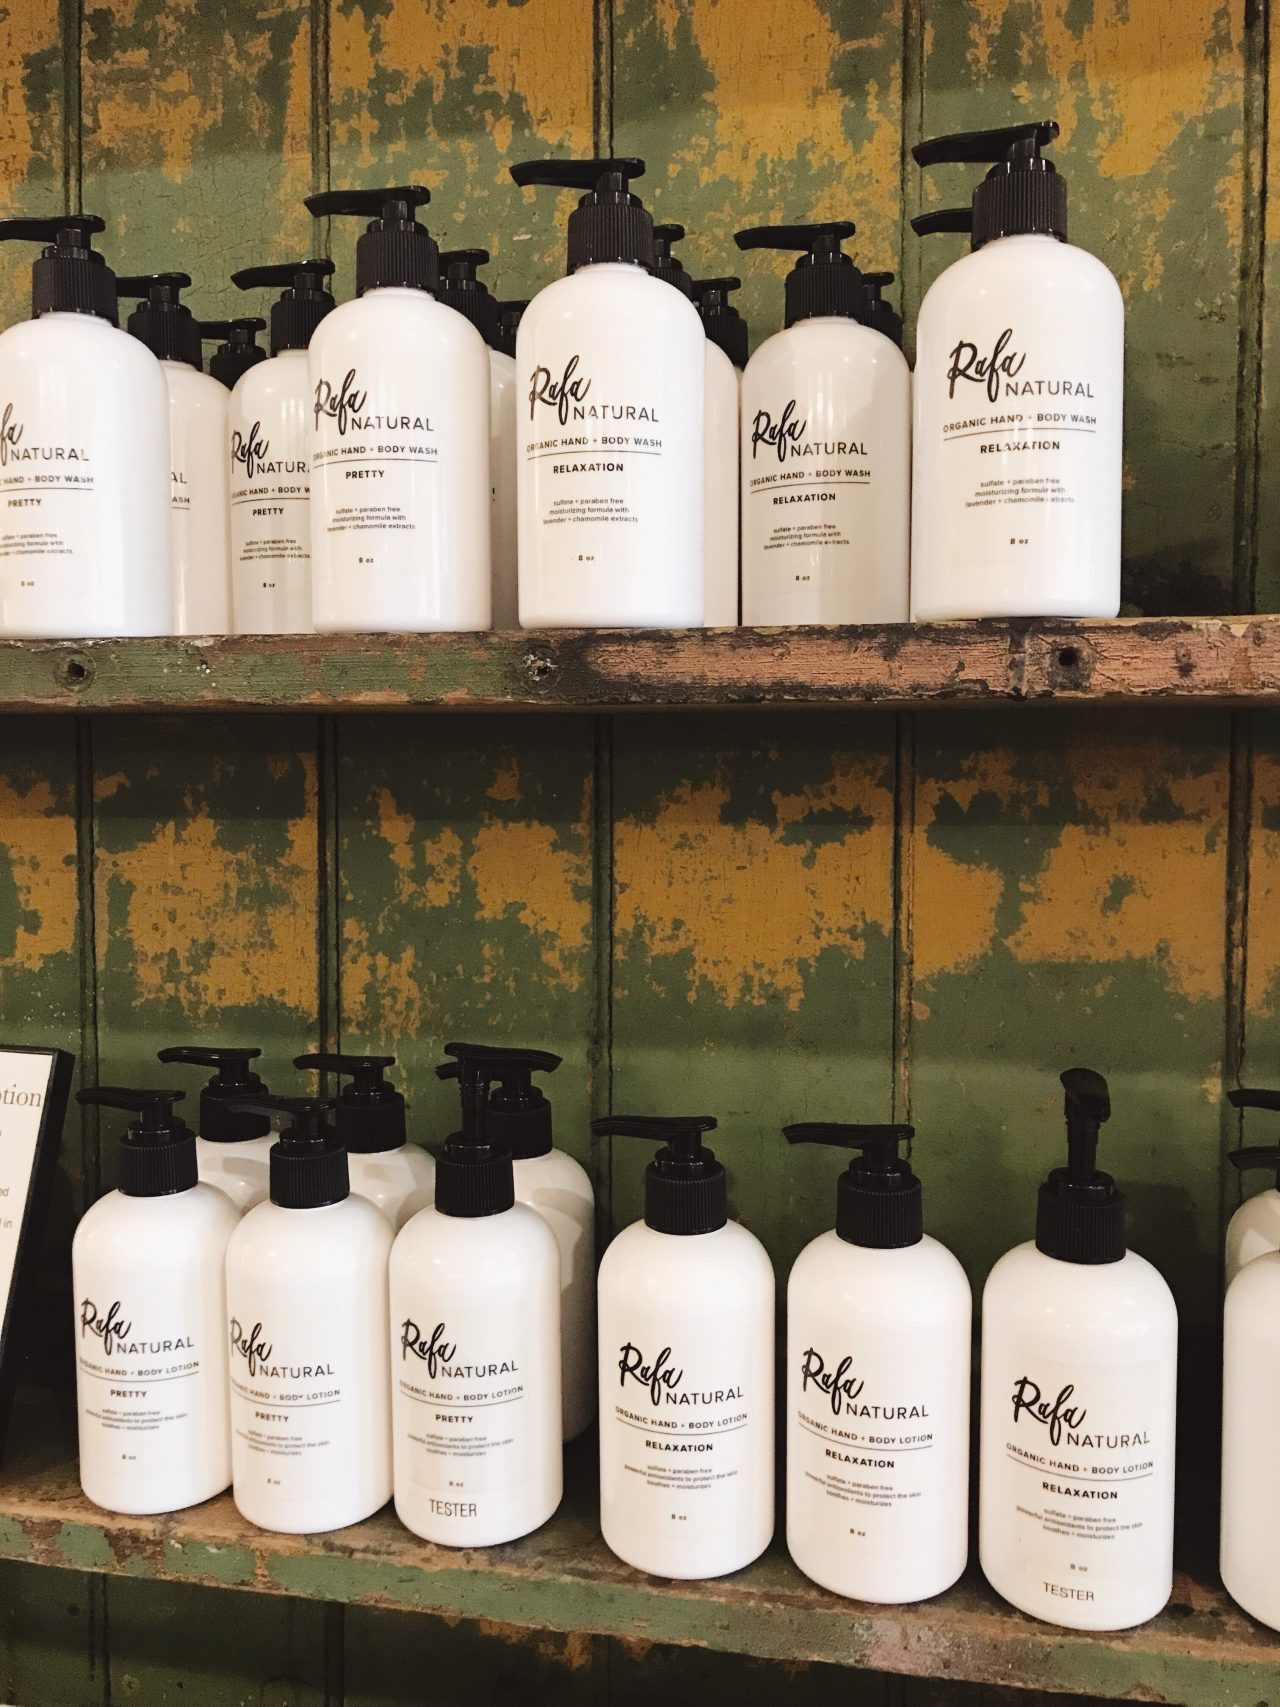 Rafa Natural Retail Display - Organic and Natural Hand + Body Wash and Hand + Body Lotion